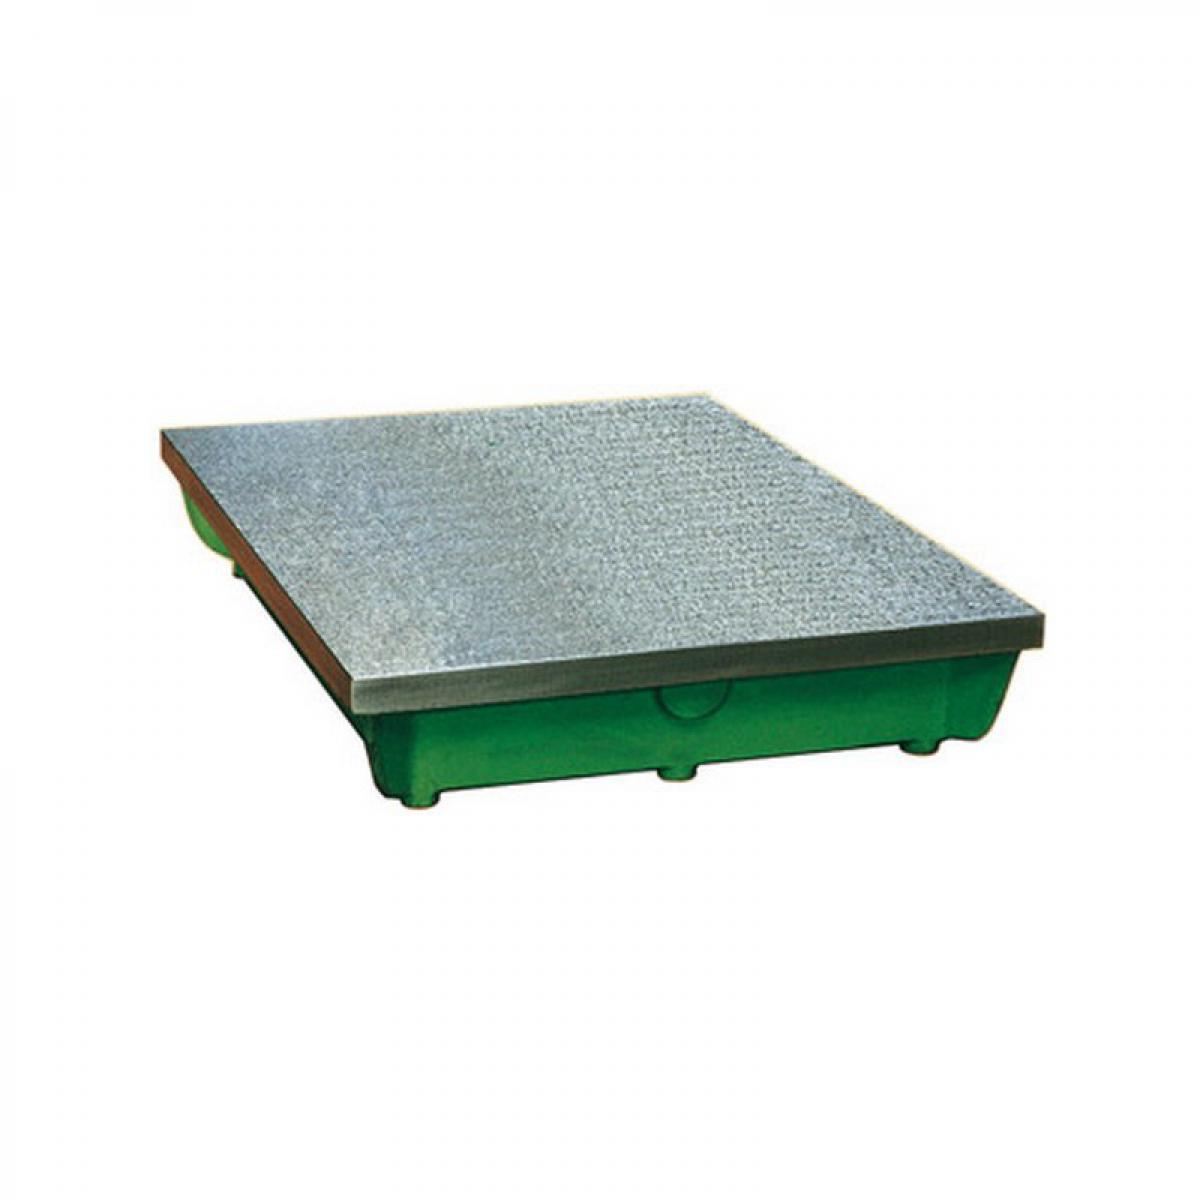 Protec Plaque à tracer et à dresser, qualité 3, Taille : 1200 x 800 mm, Précision µm qualité 3 88, Poids env. 310 kg